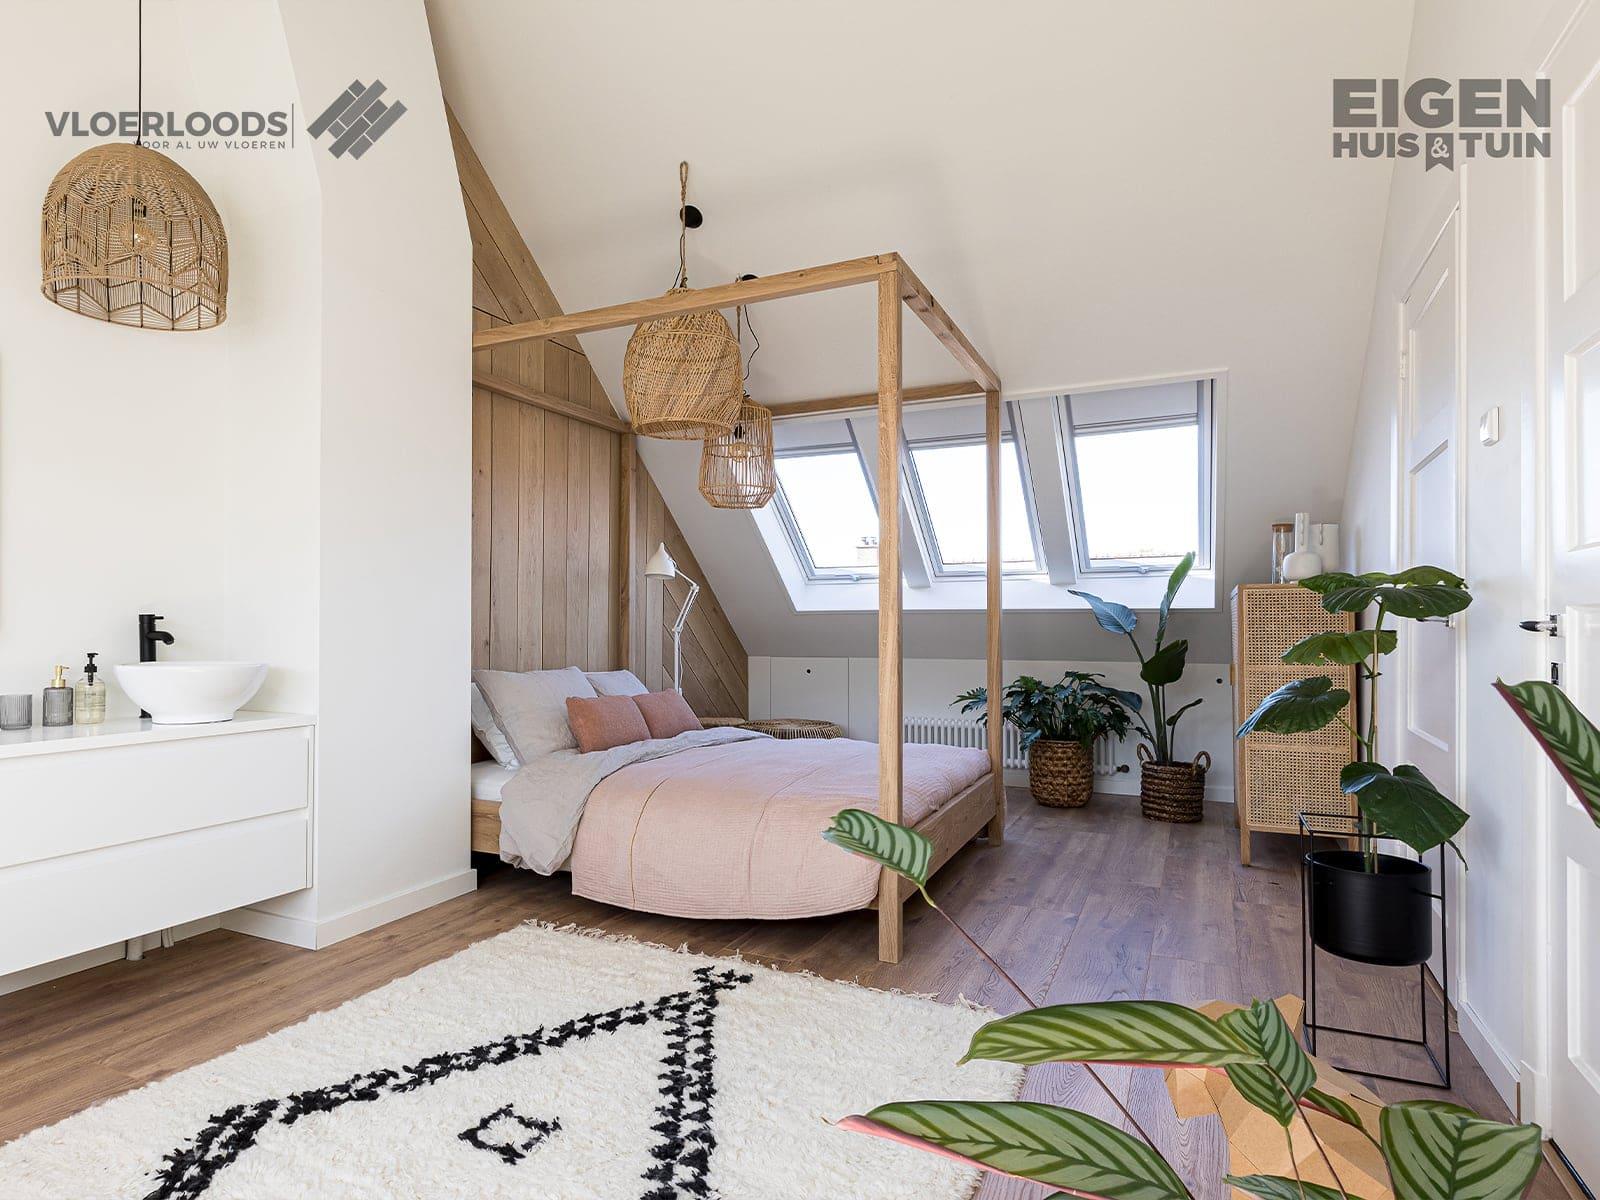 Eigen Huis en Tuin & Vloerloods